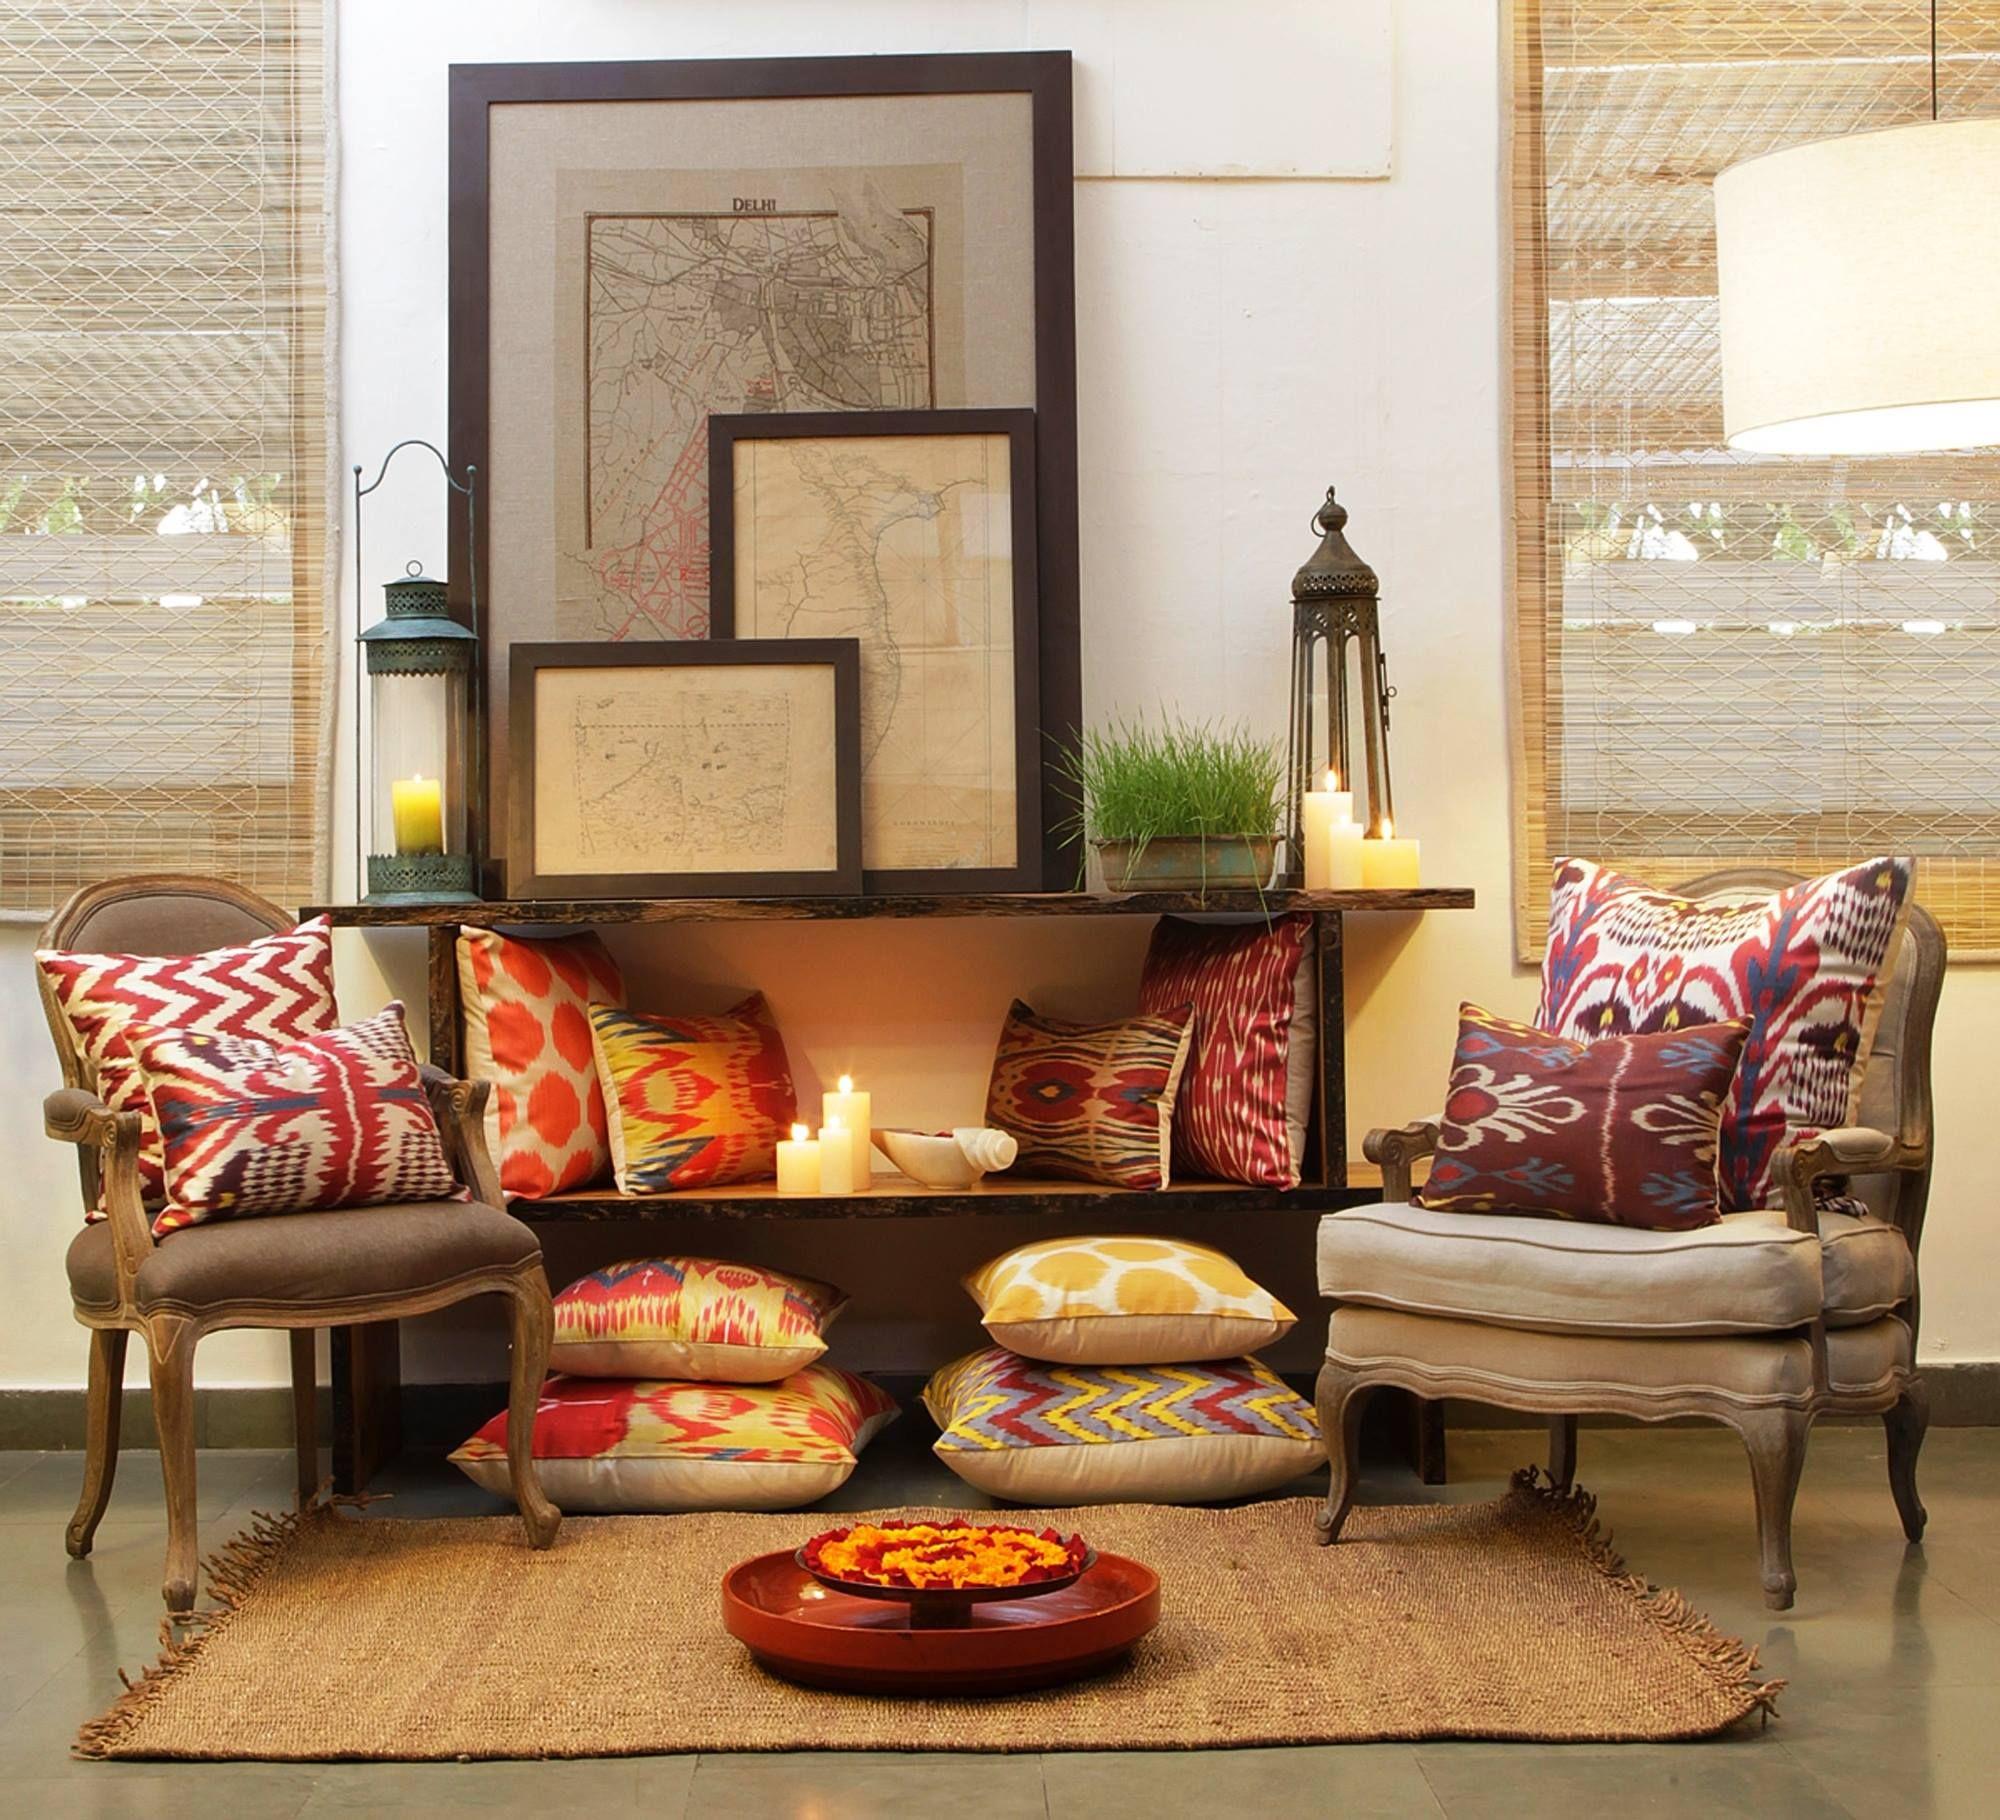 Sarita handa interiors pinterest indian interiors classic